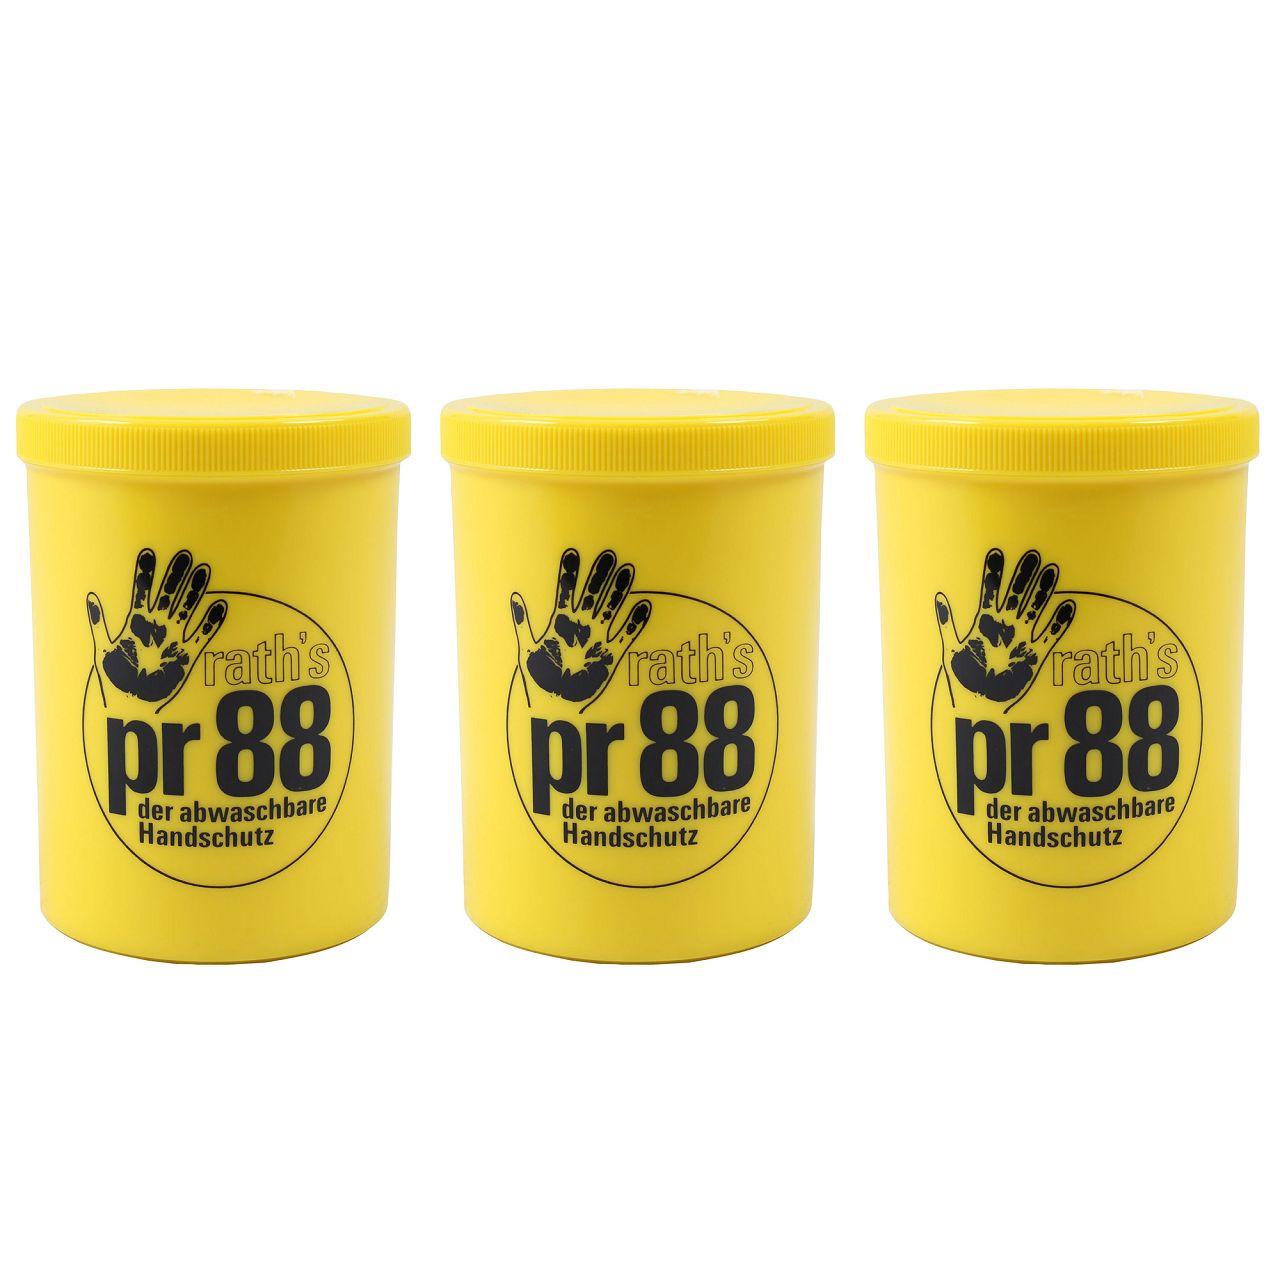 3x 1L 1 Liter RATH's Creme PR 88 Hautschutz der abwaschbare Handschuh Handcreme